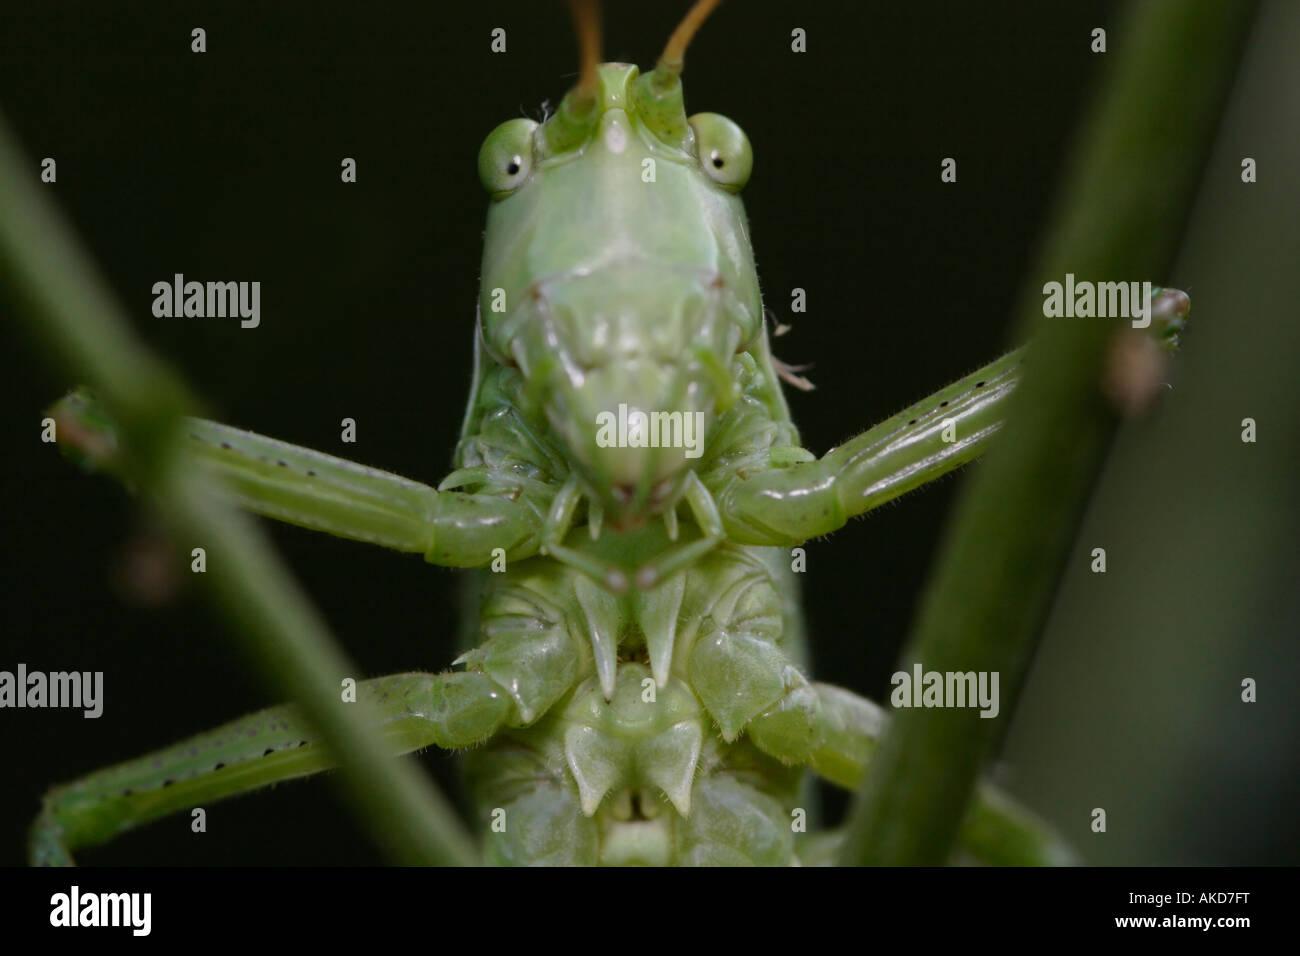 Grasshopper (Tettigonia Viridissima). Dies ist eine Nahaufnahme der Heuschrecke-Porträt Stockbild